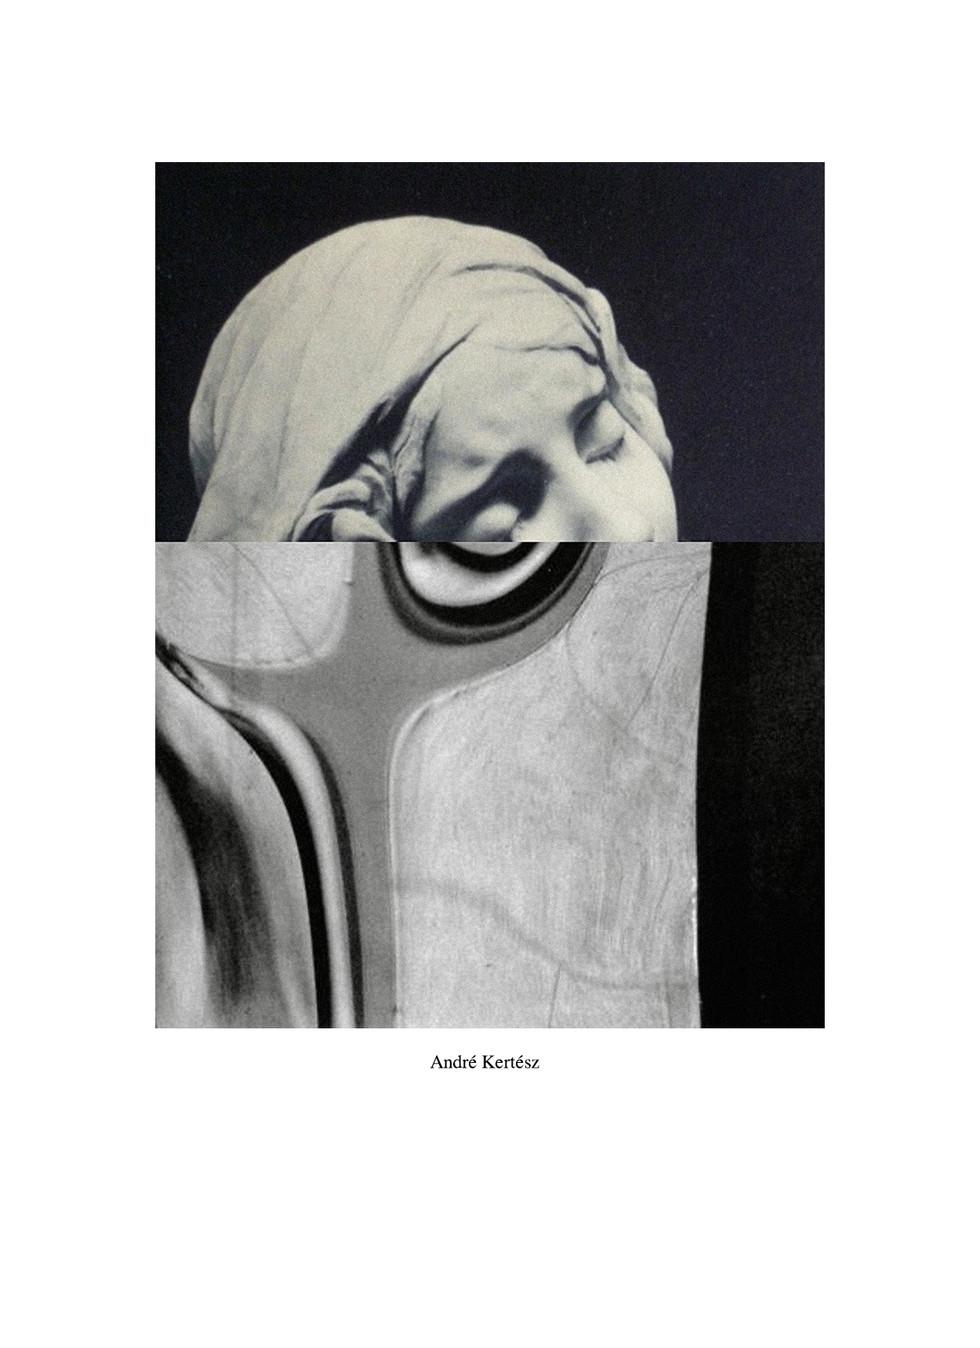 Dana-Darvish_André-Kertész.jpg